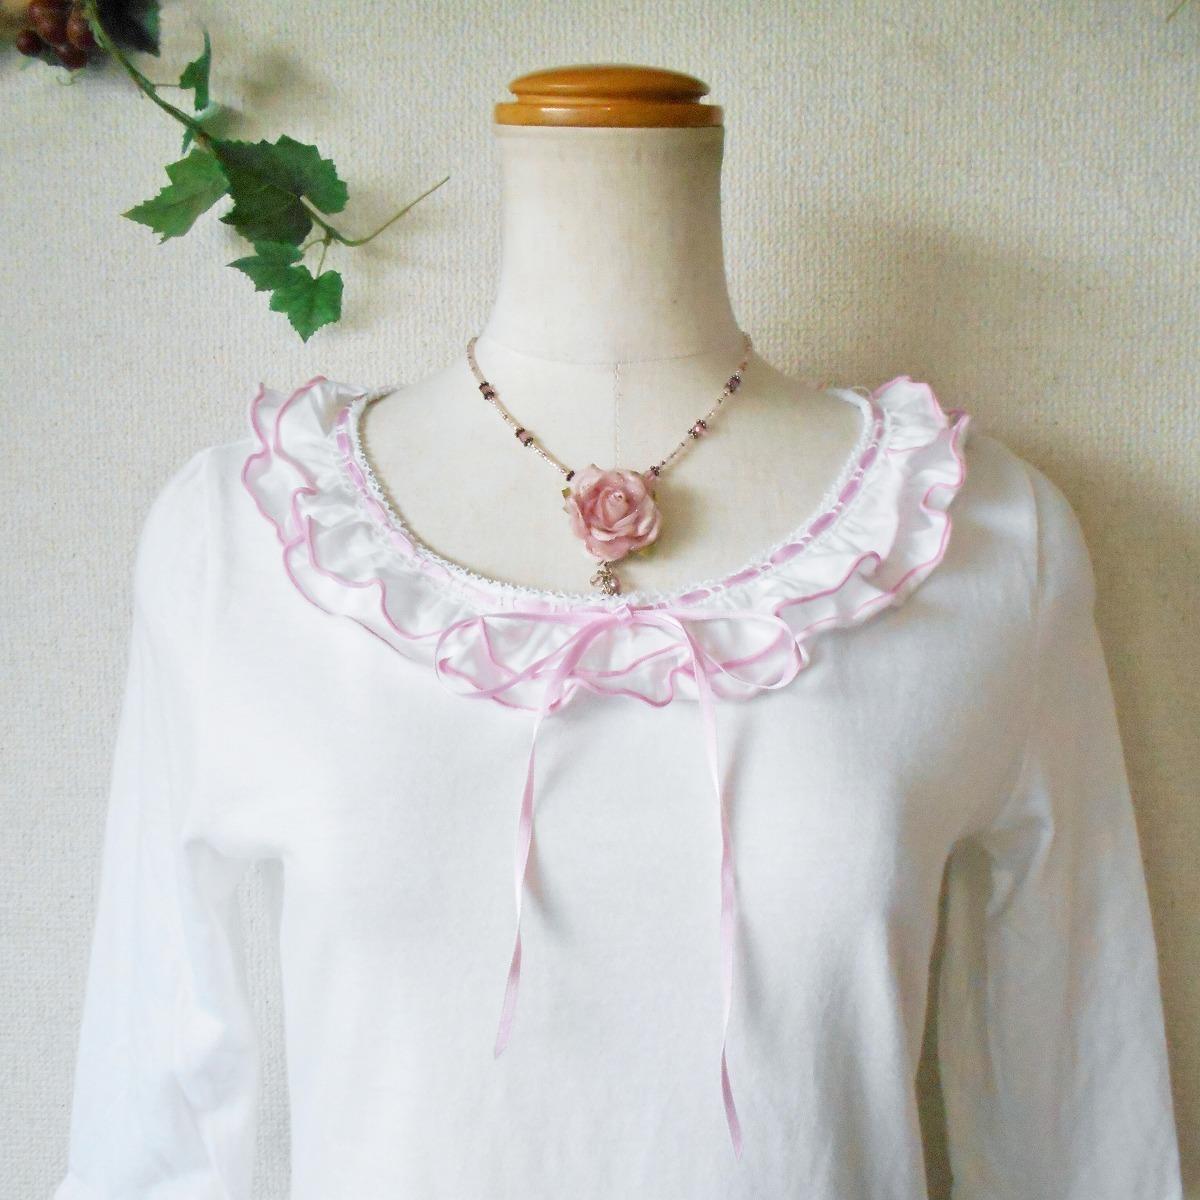 レストローズ LEST ROSE はしご リボン & フリル の 可愛い 7分袖 カットソー 日本製 M_画像2